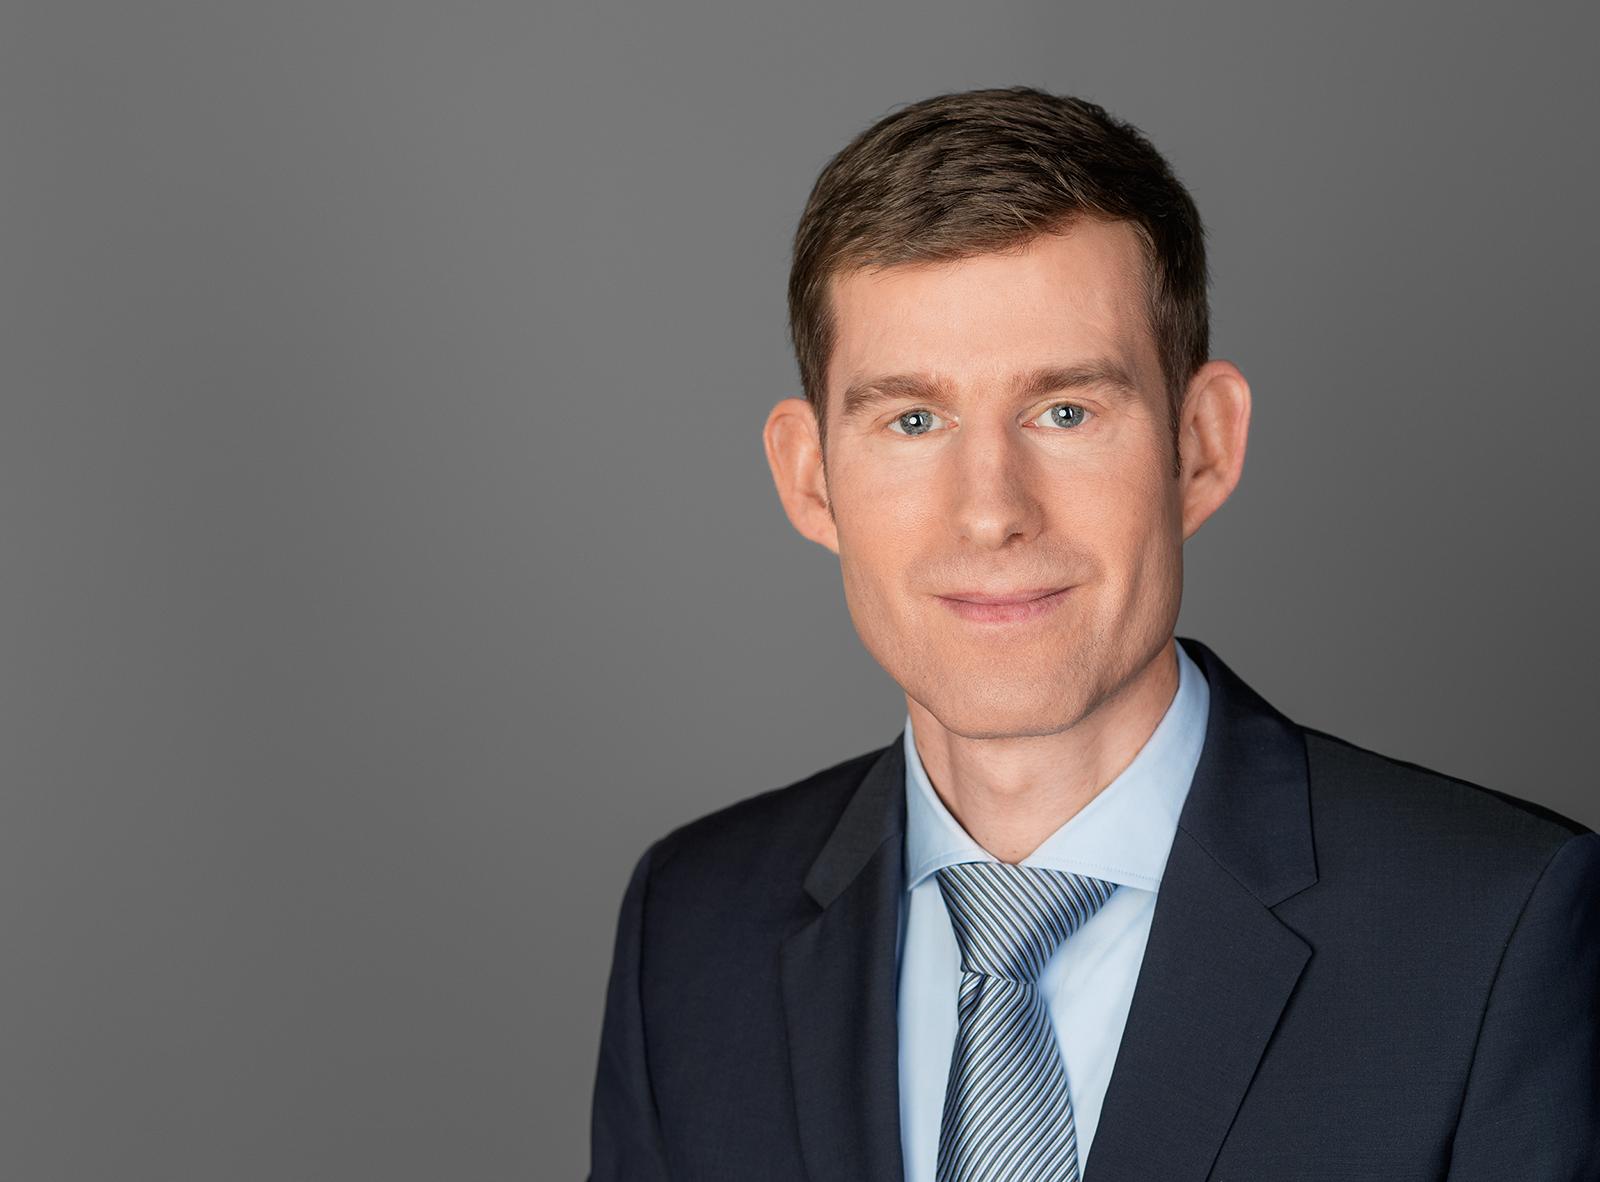 Ulf Papenfuß, Inhaber des Lehrstuhls für Public Management & Public Policy an der ZU, über den Frauenanteil in kommunalen Unternehmen